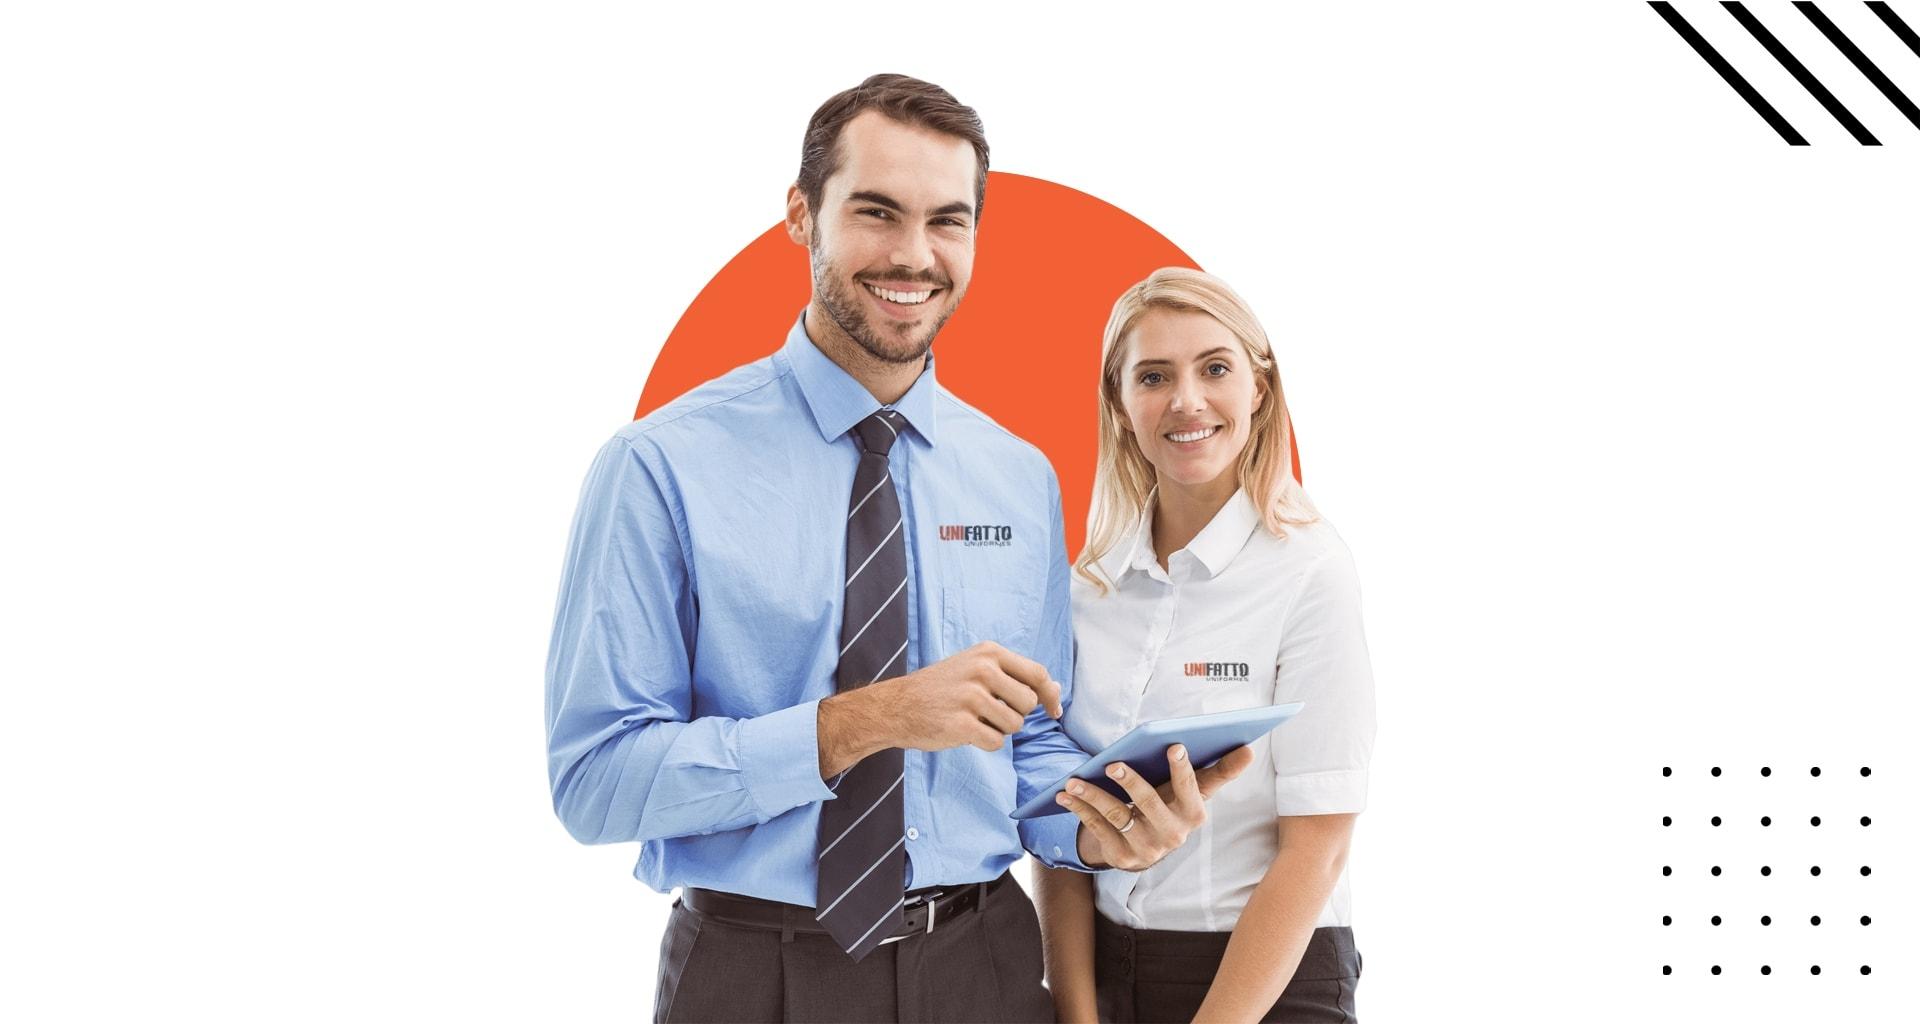 Pessoas usando camisas sociais com a logo da Unifatto